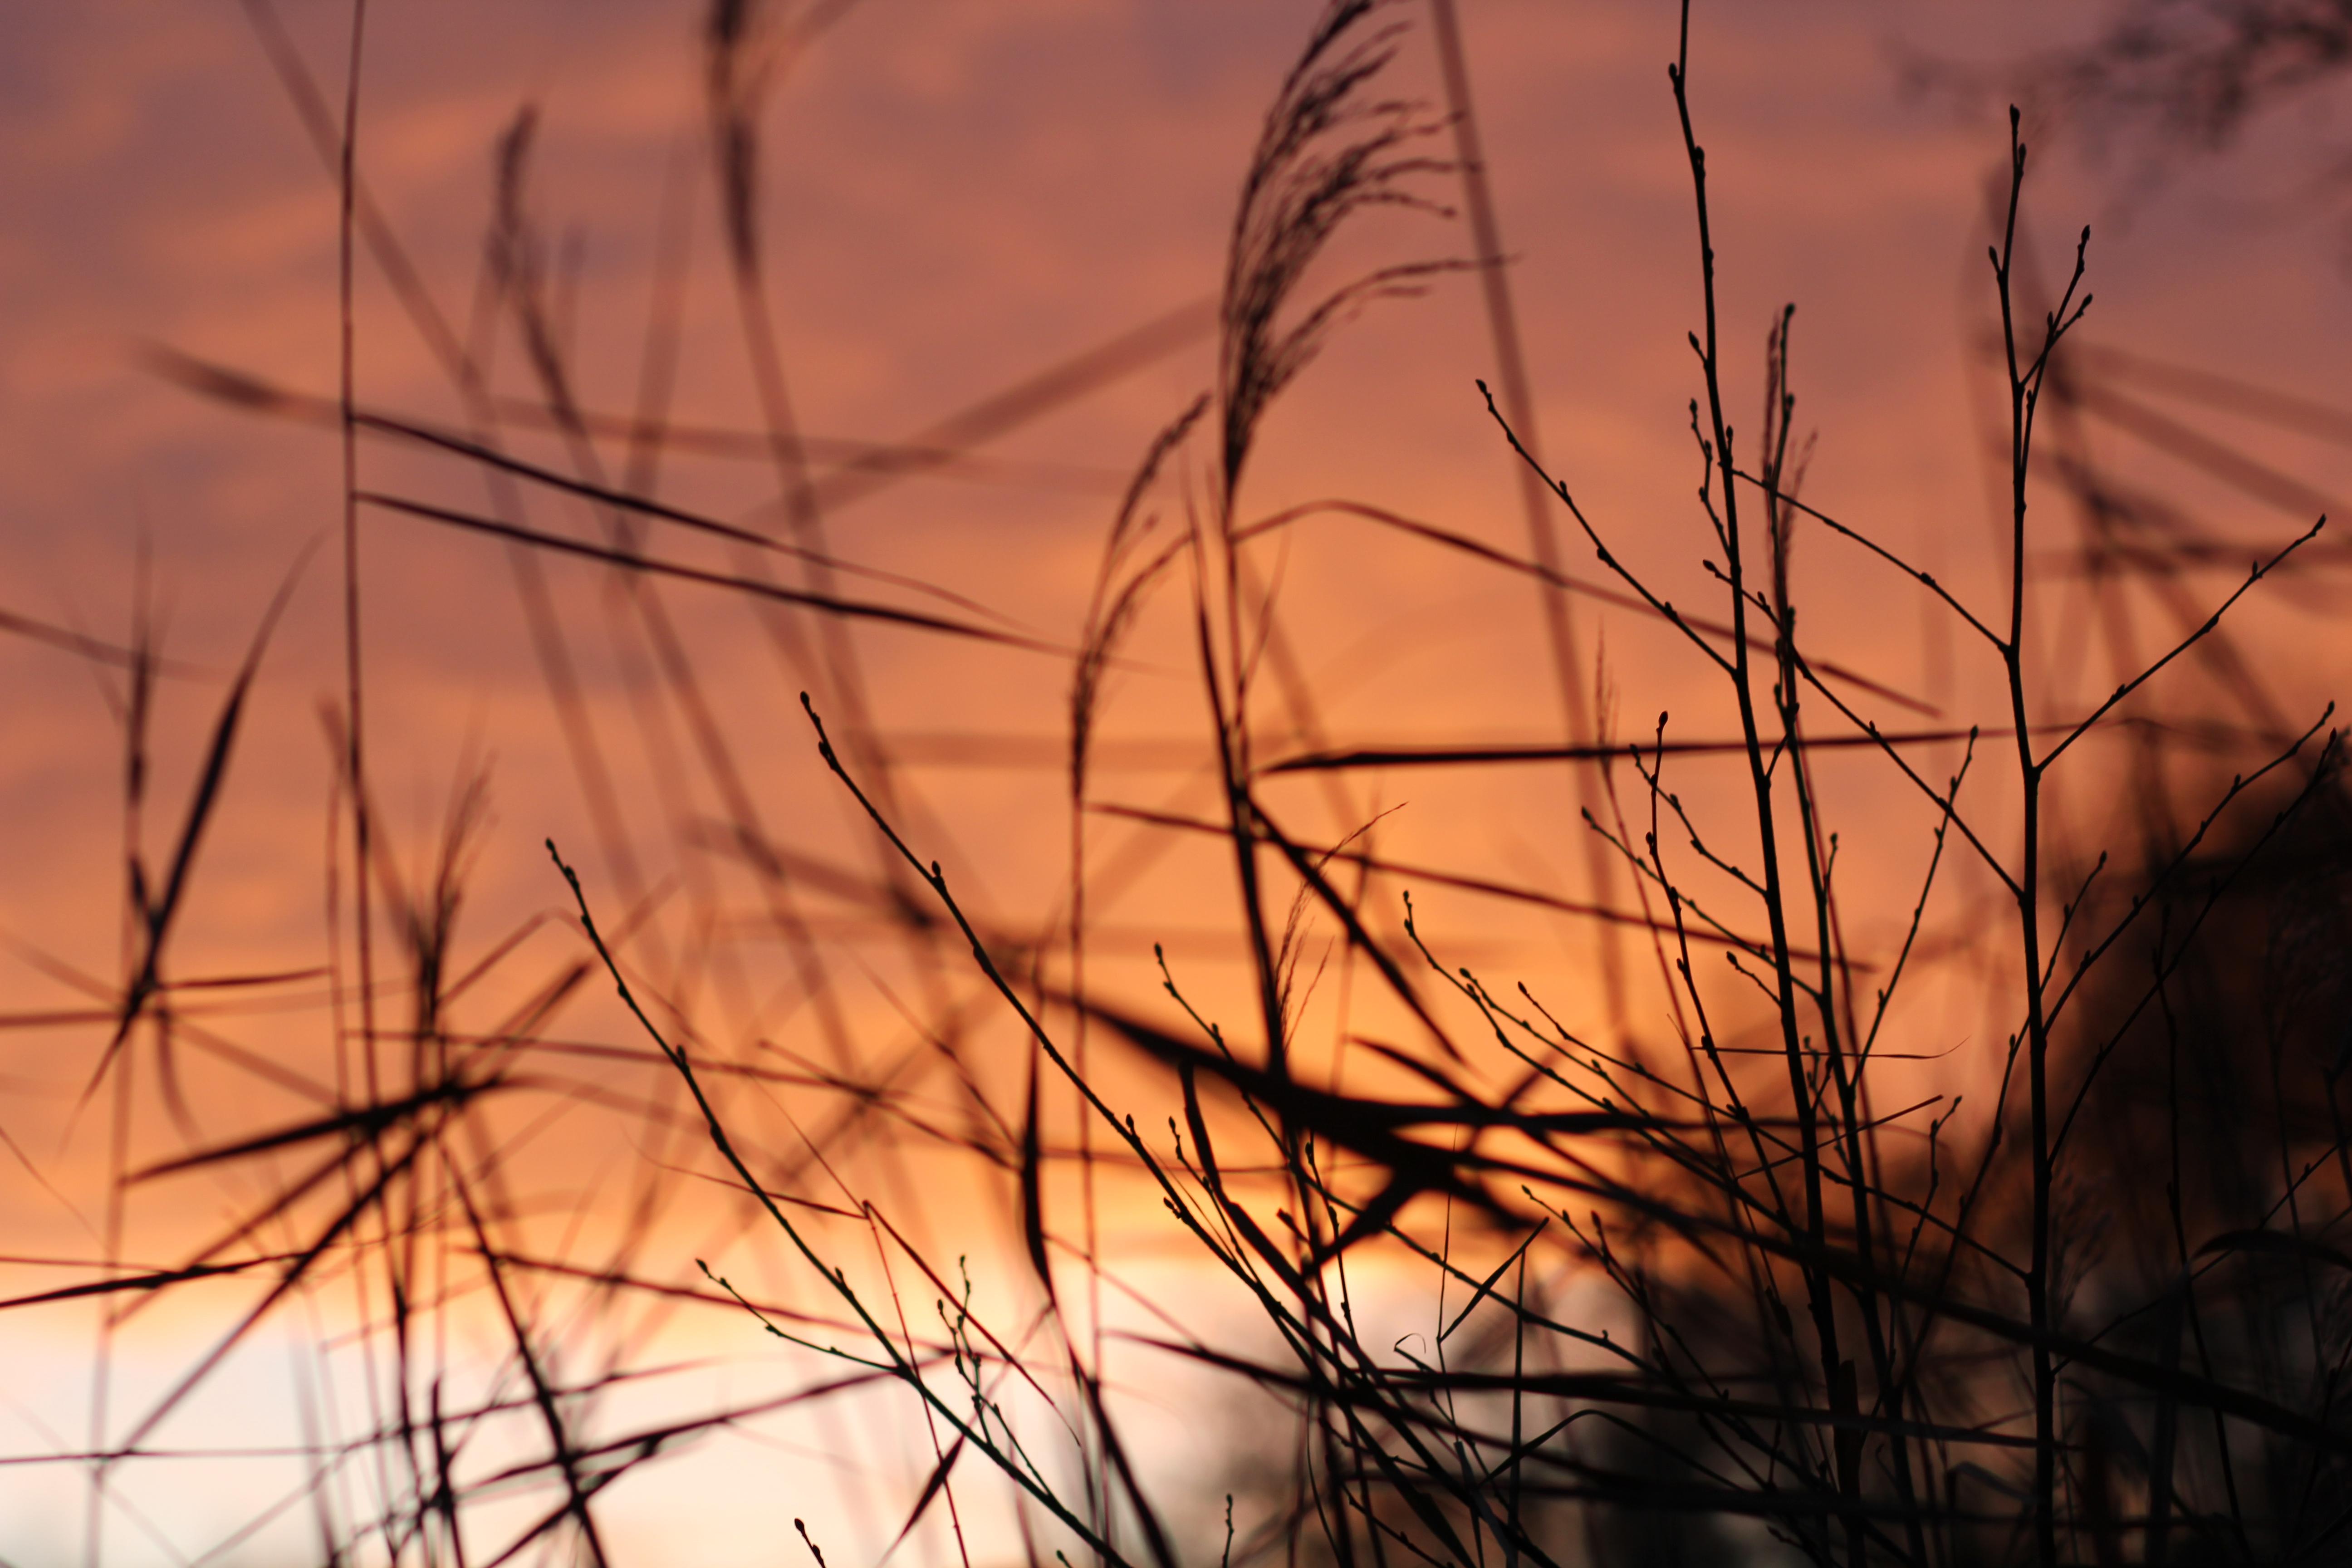 30+ Background ảnh thiên nhiên chất lượng cao